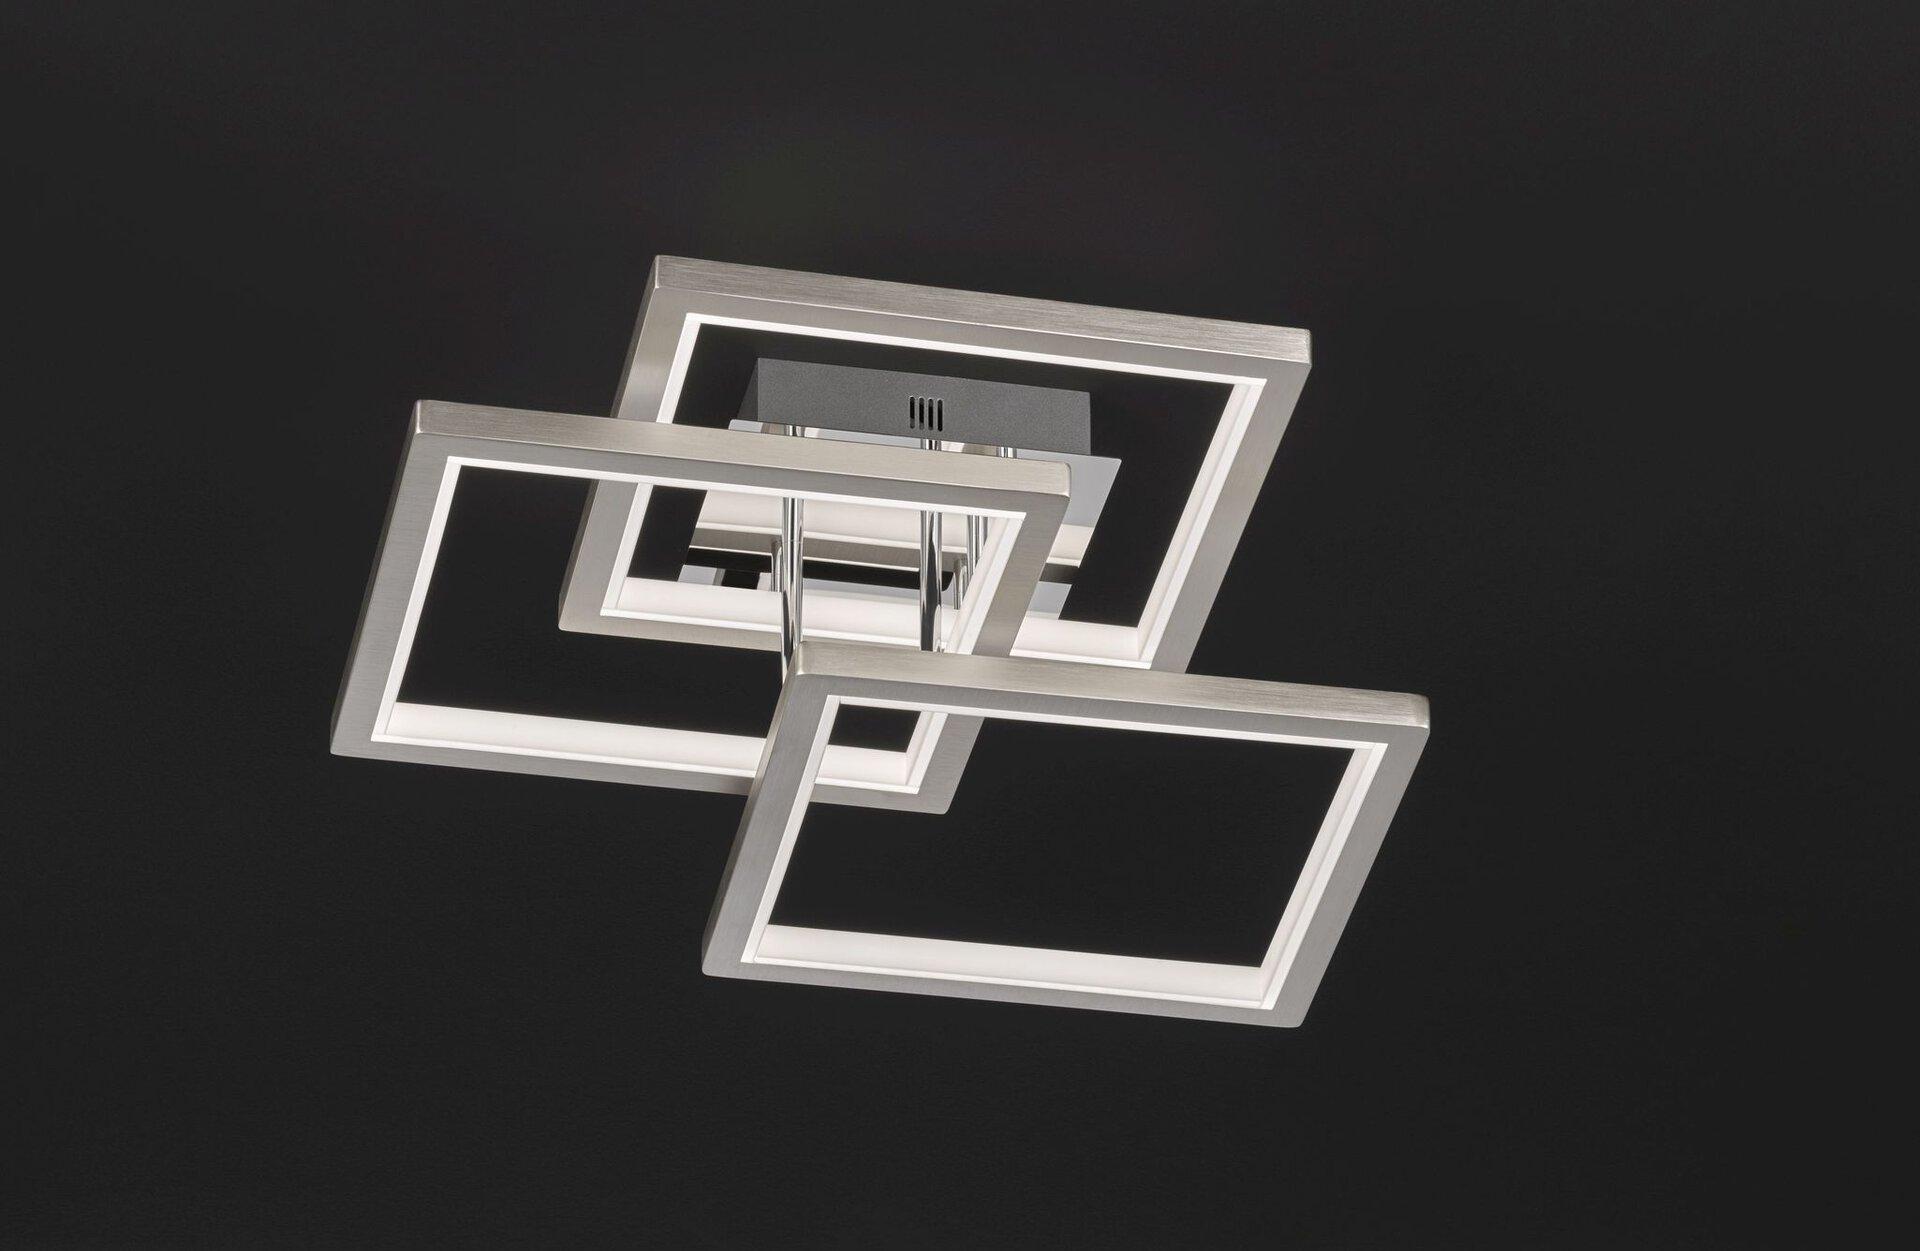 Deckenleuchte VISO inbuy Metall silber 4 x 1 cm